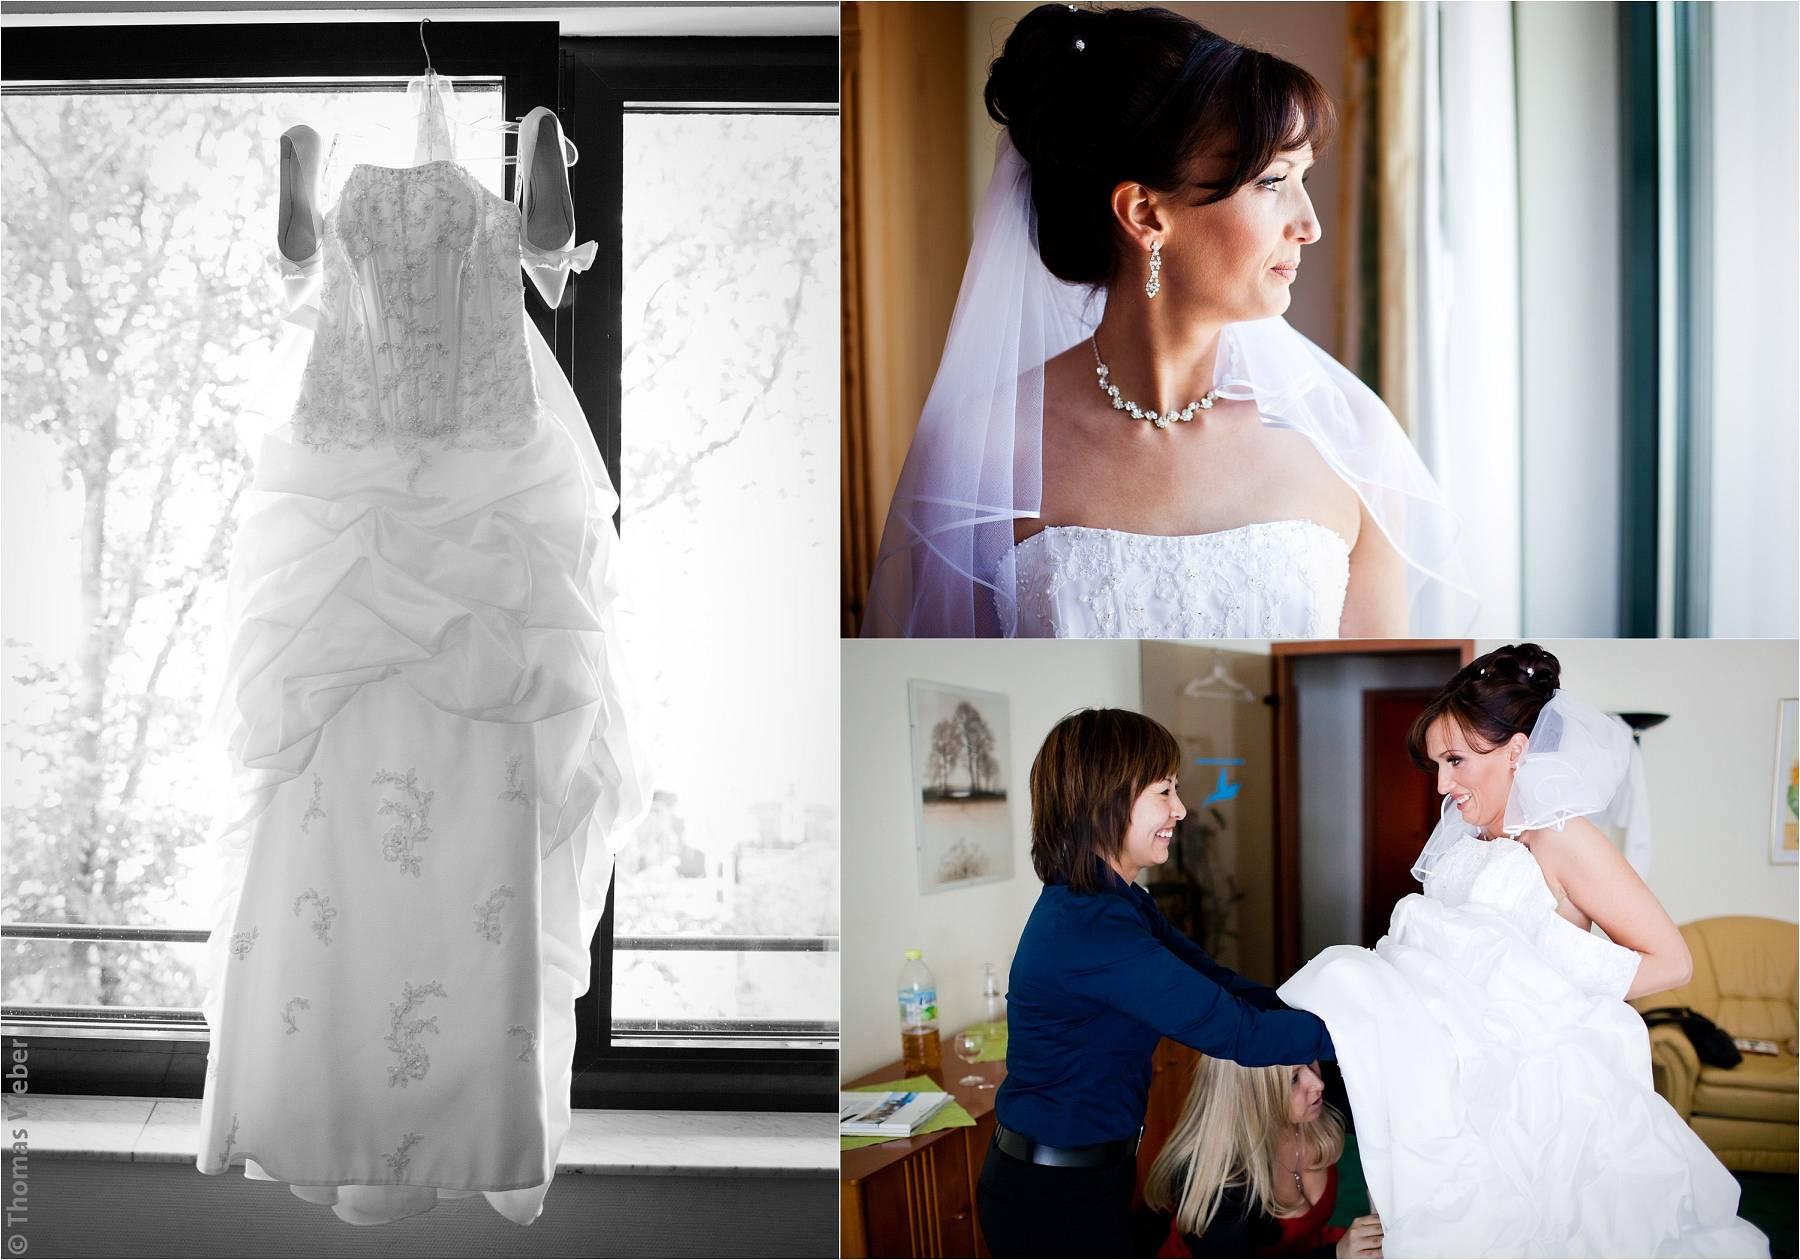 Hochzeitsfotograf Rangsdorf (Berlin): Hochzeit auf der Insel Falkenstein in Rangsdorf nahe Berlin (6)